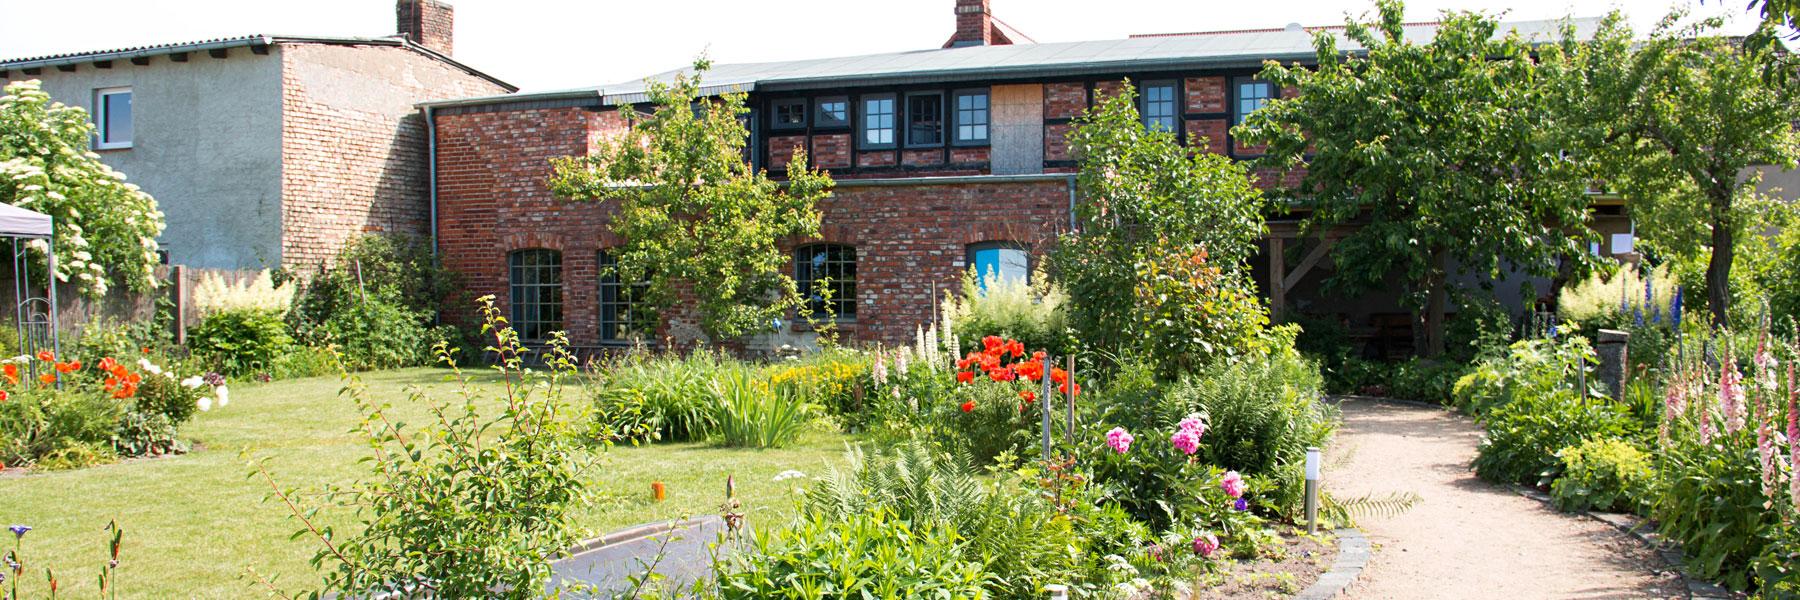 Garten - Pension zur alten Schmiede